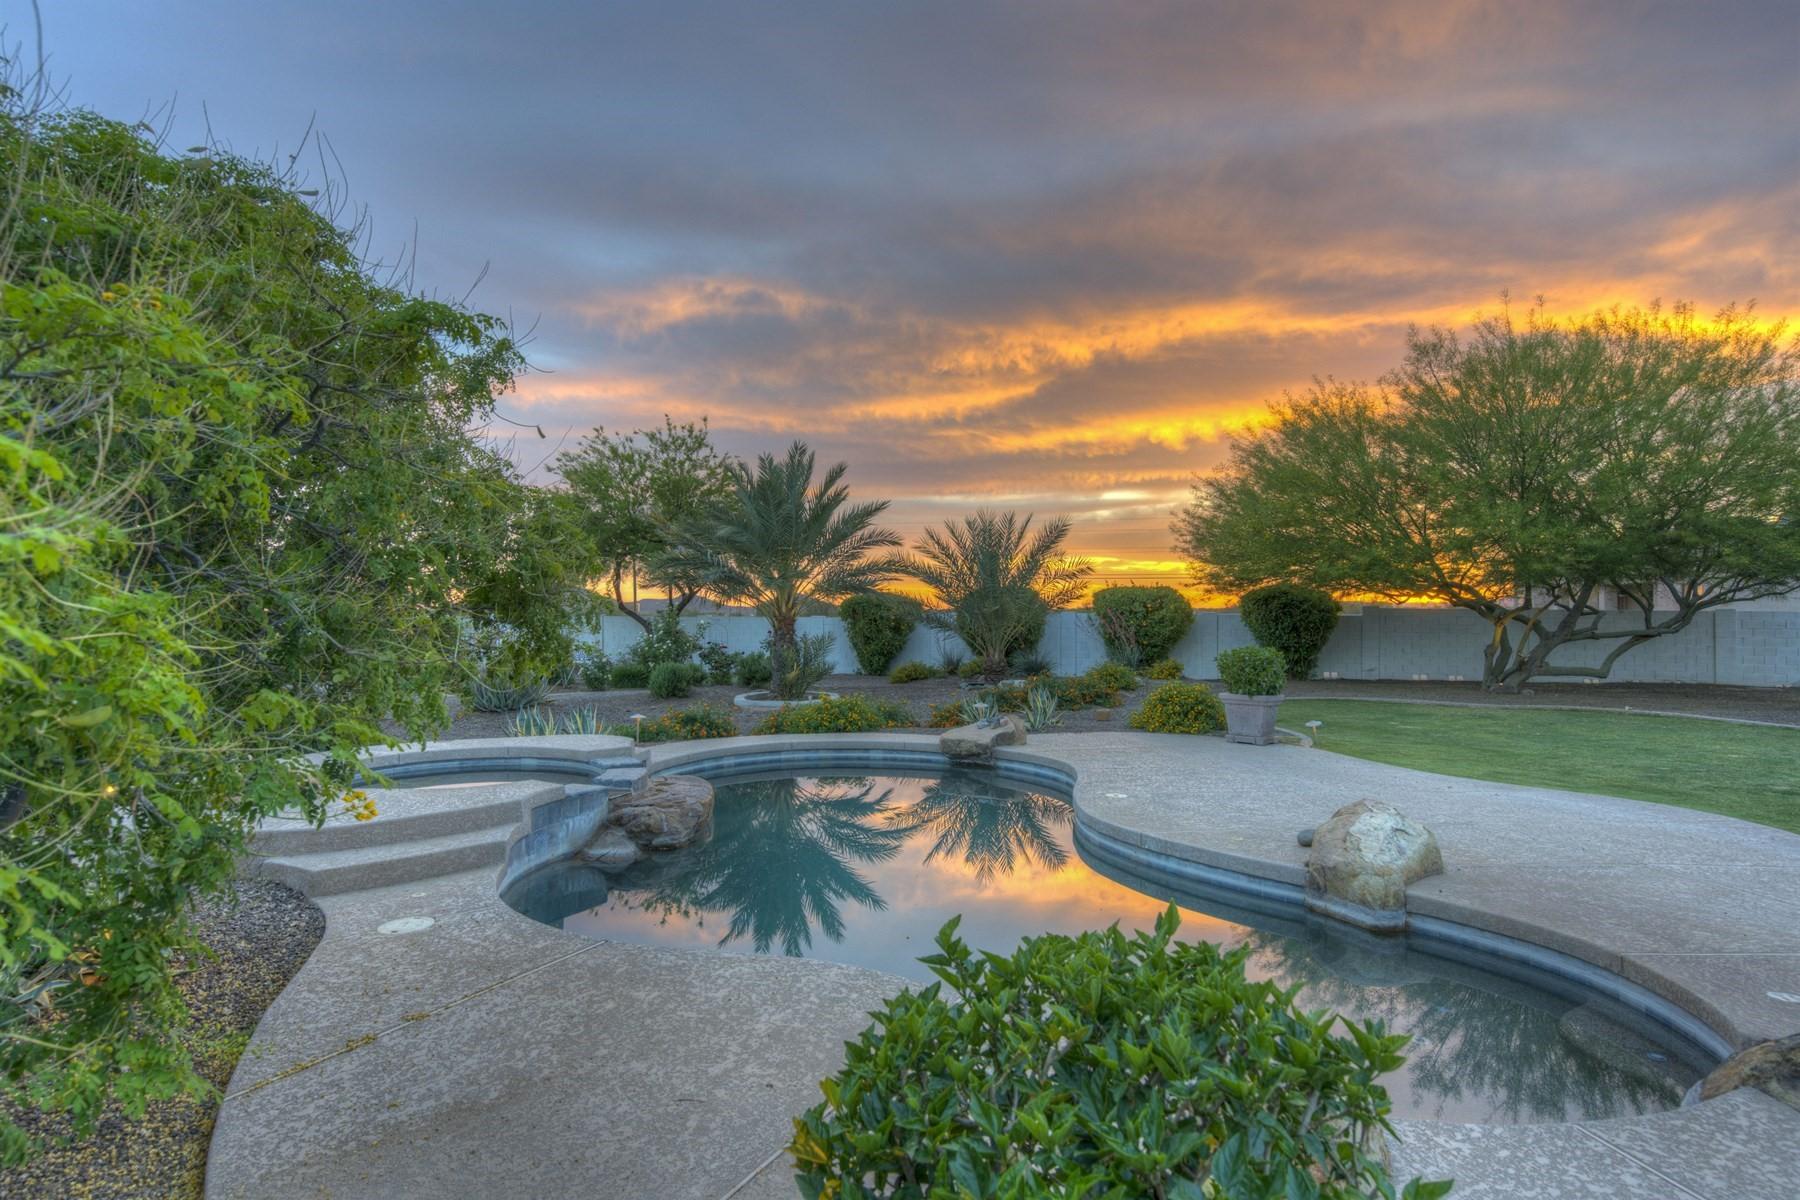 단독 가정 주택 용 매매 에 Spectacular Desert Hills Custom home on 1.1 acres 605 W Ridgecrest Rd Phoenix, 아리조나, 85086 미국